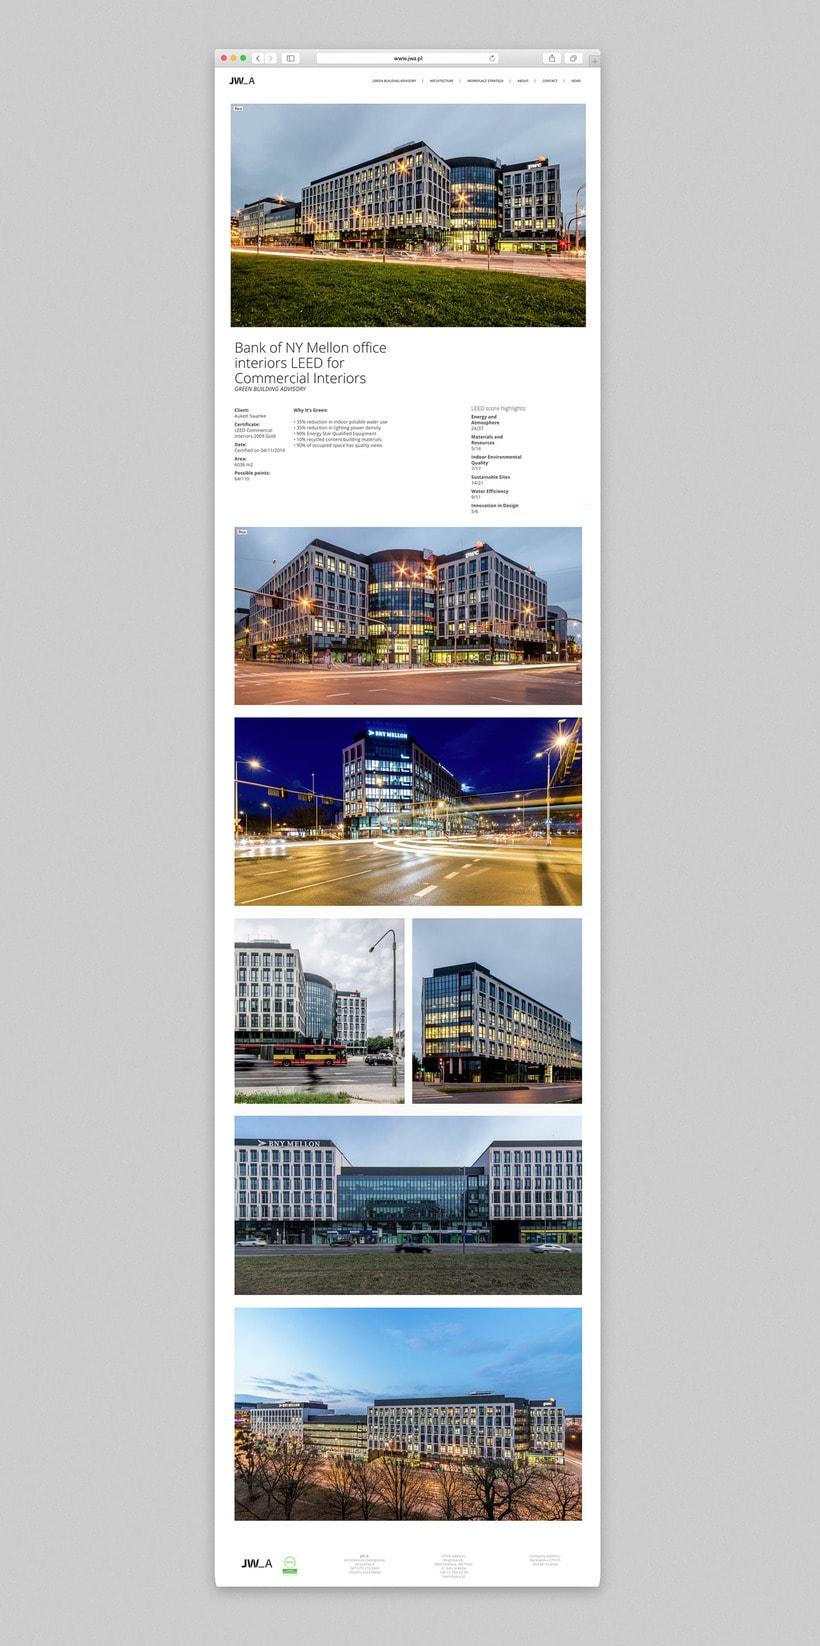 JW_A Architektura 6